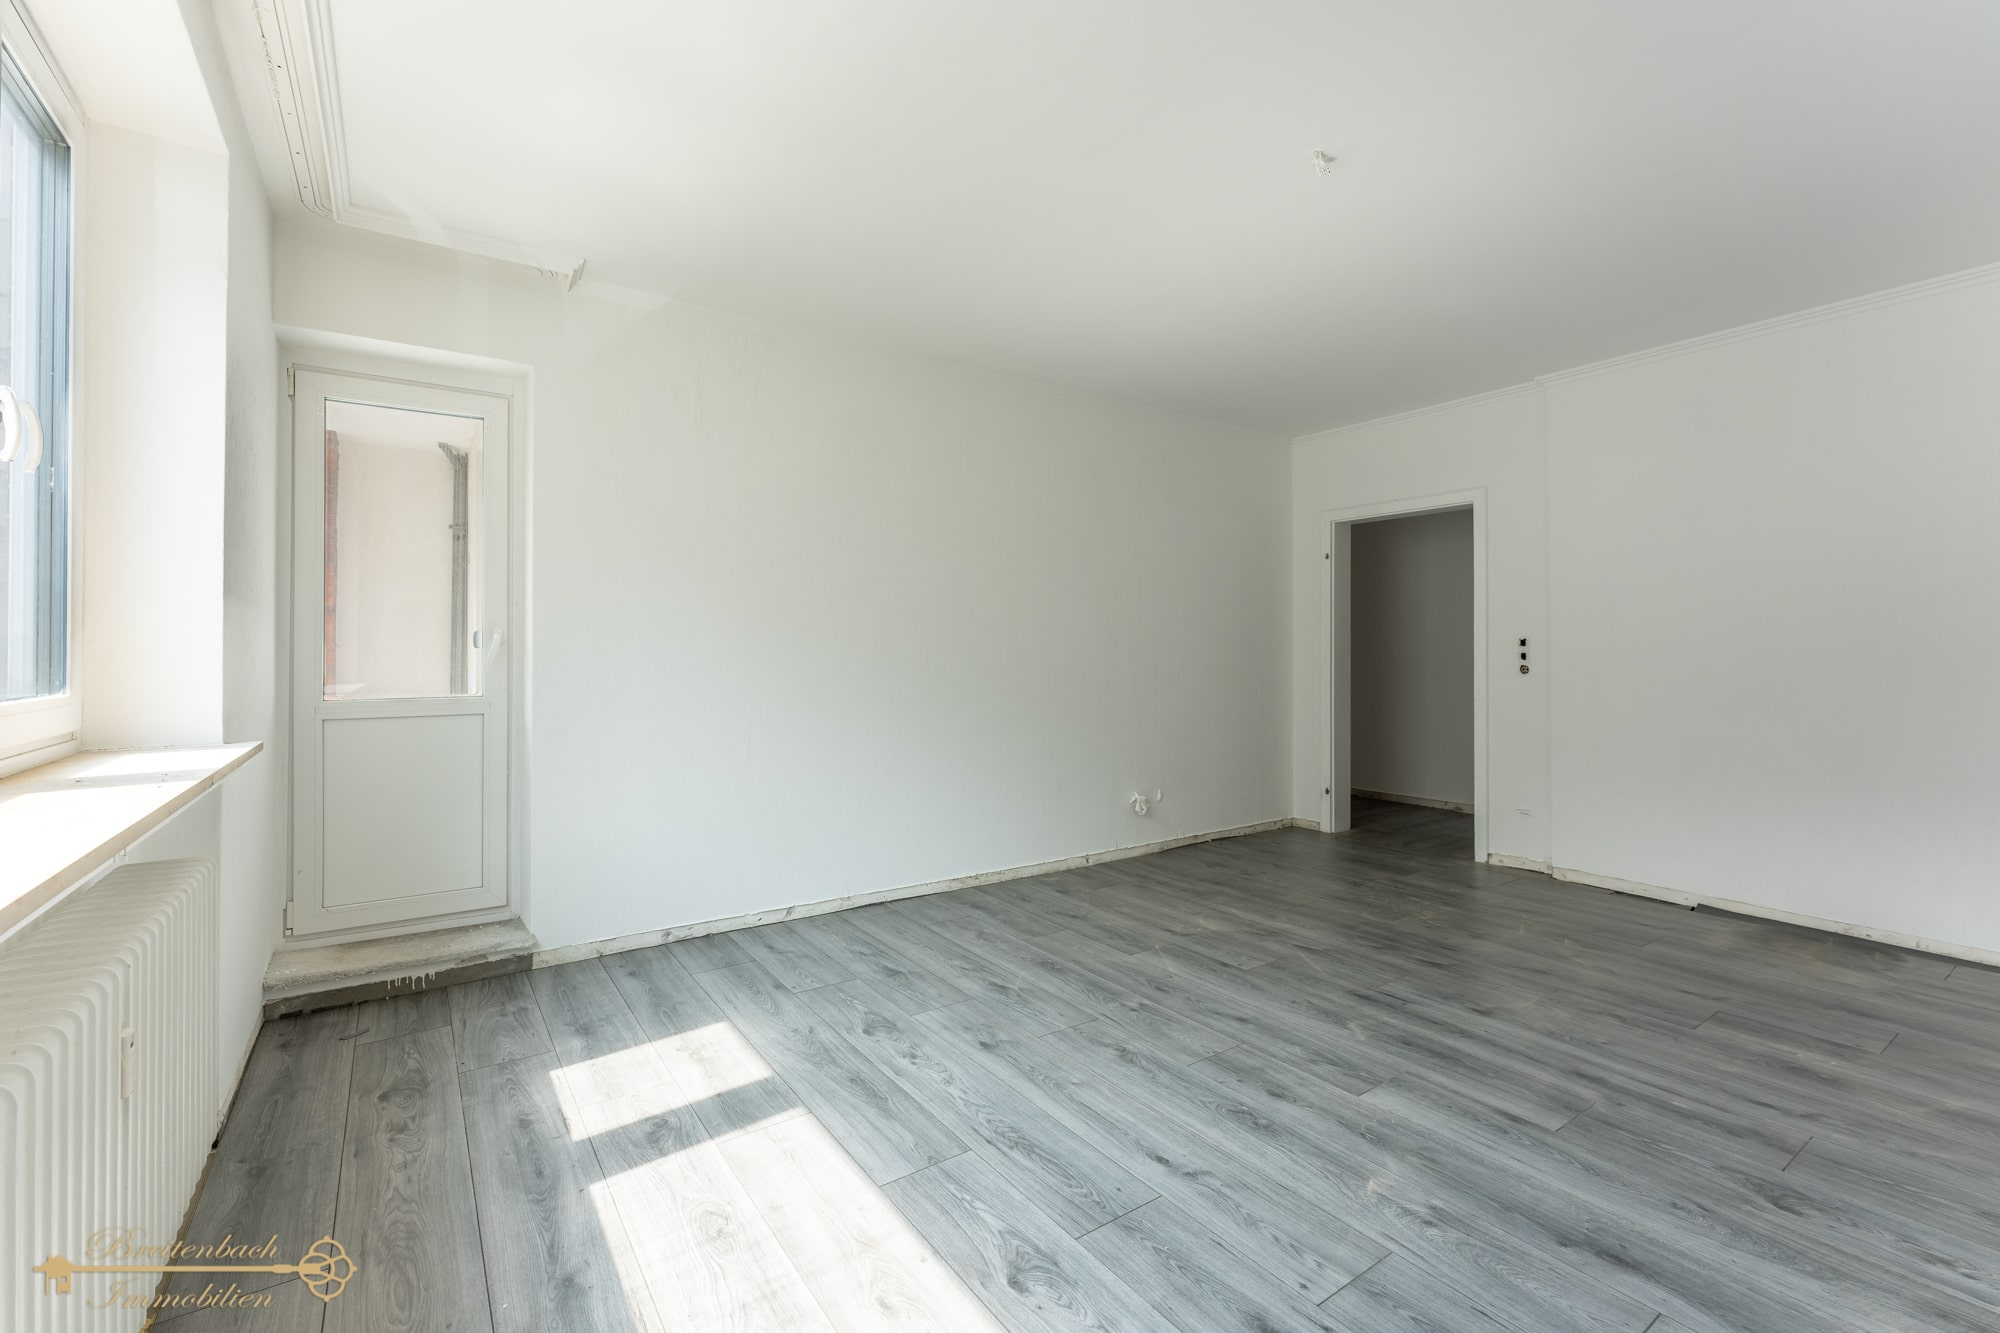 2021-07-27-Breitenbach-Immobilien-Makler-Bremen-14-min